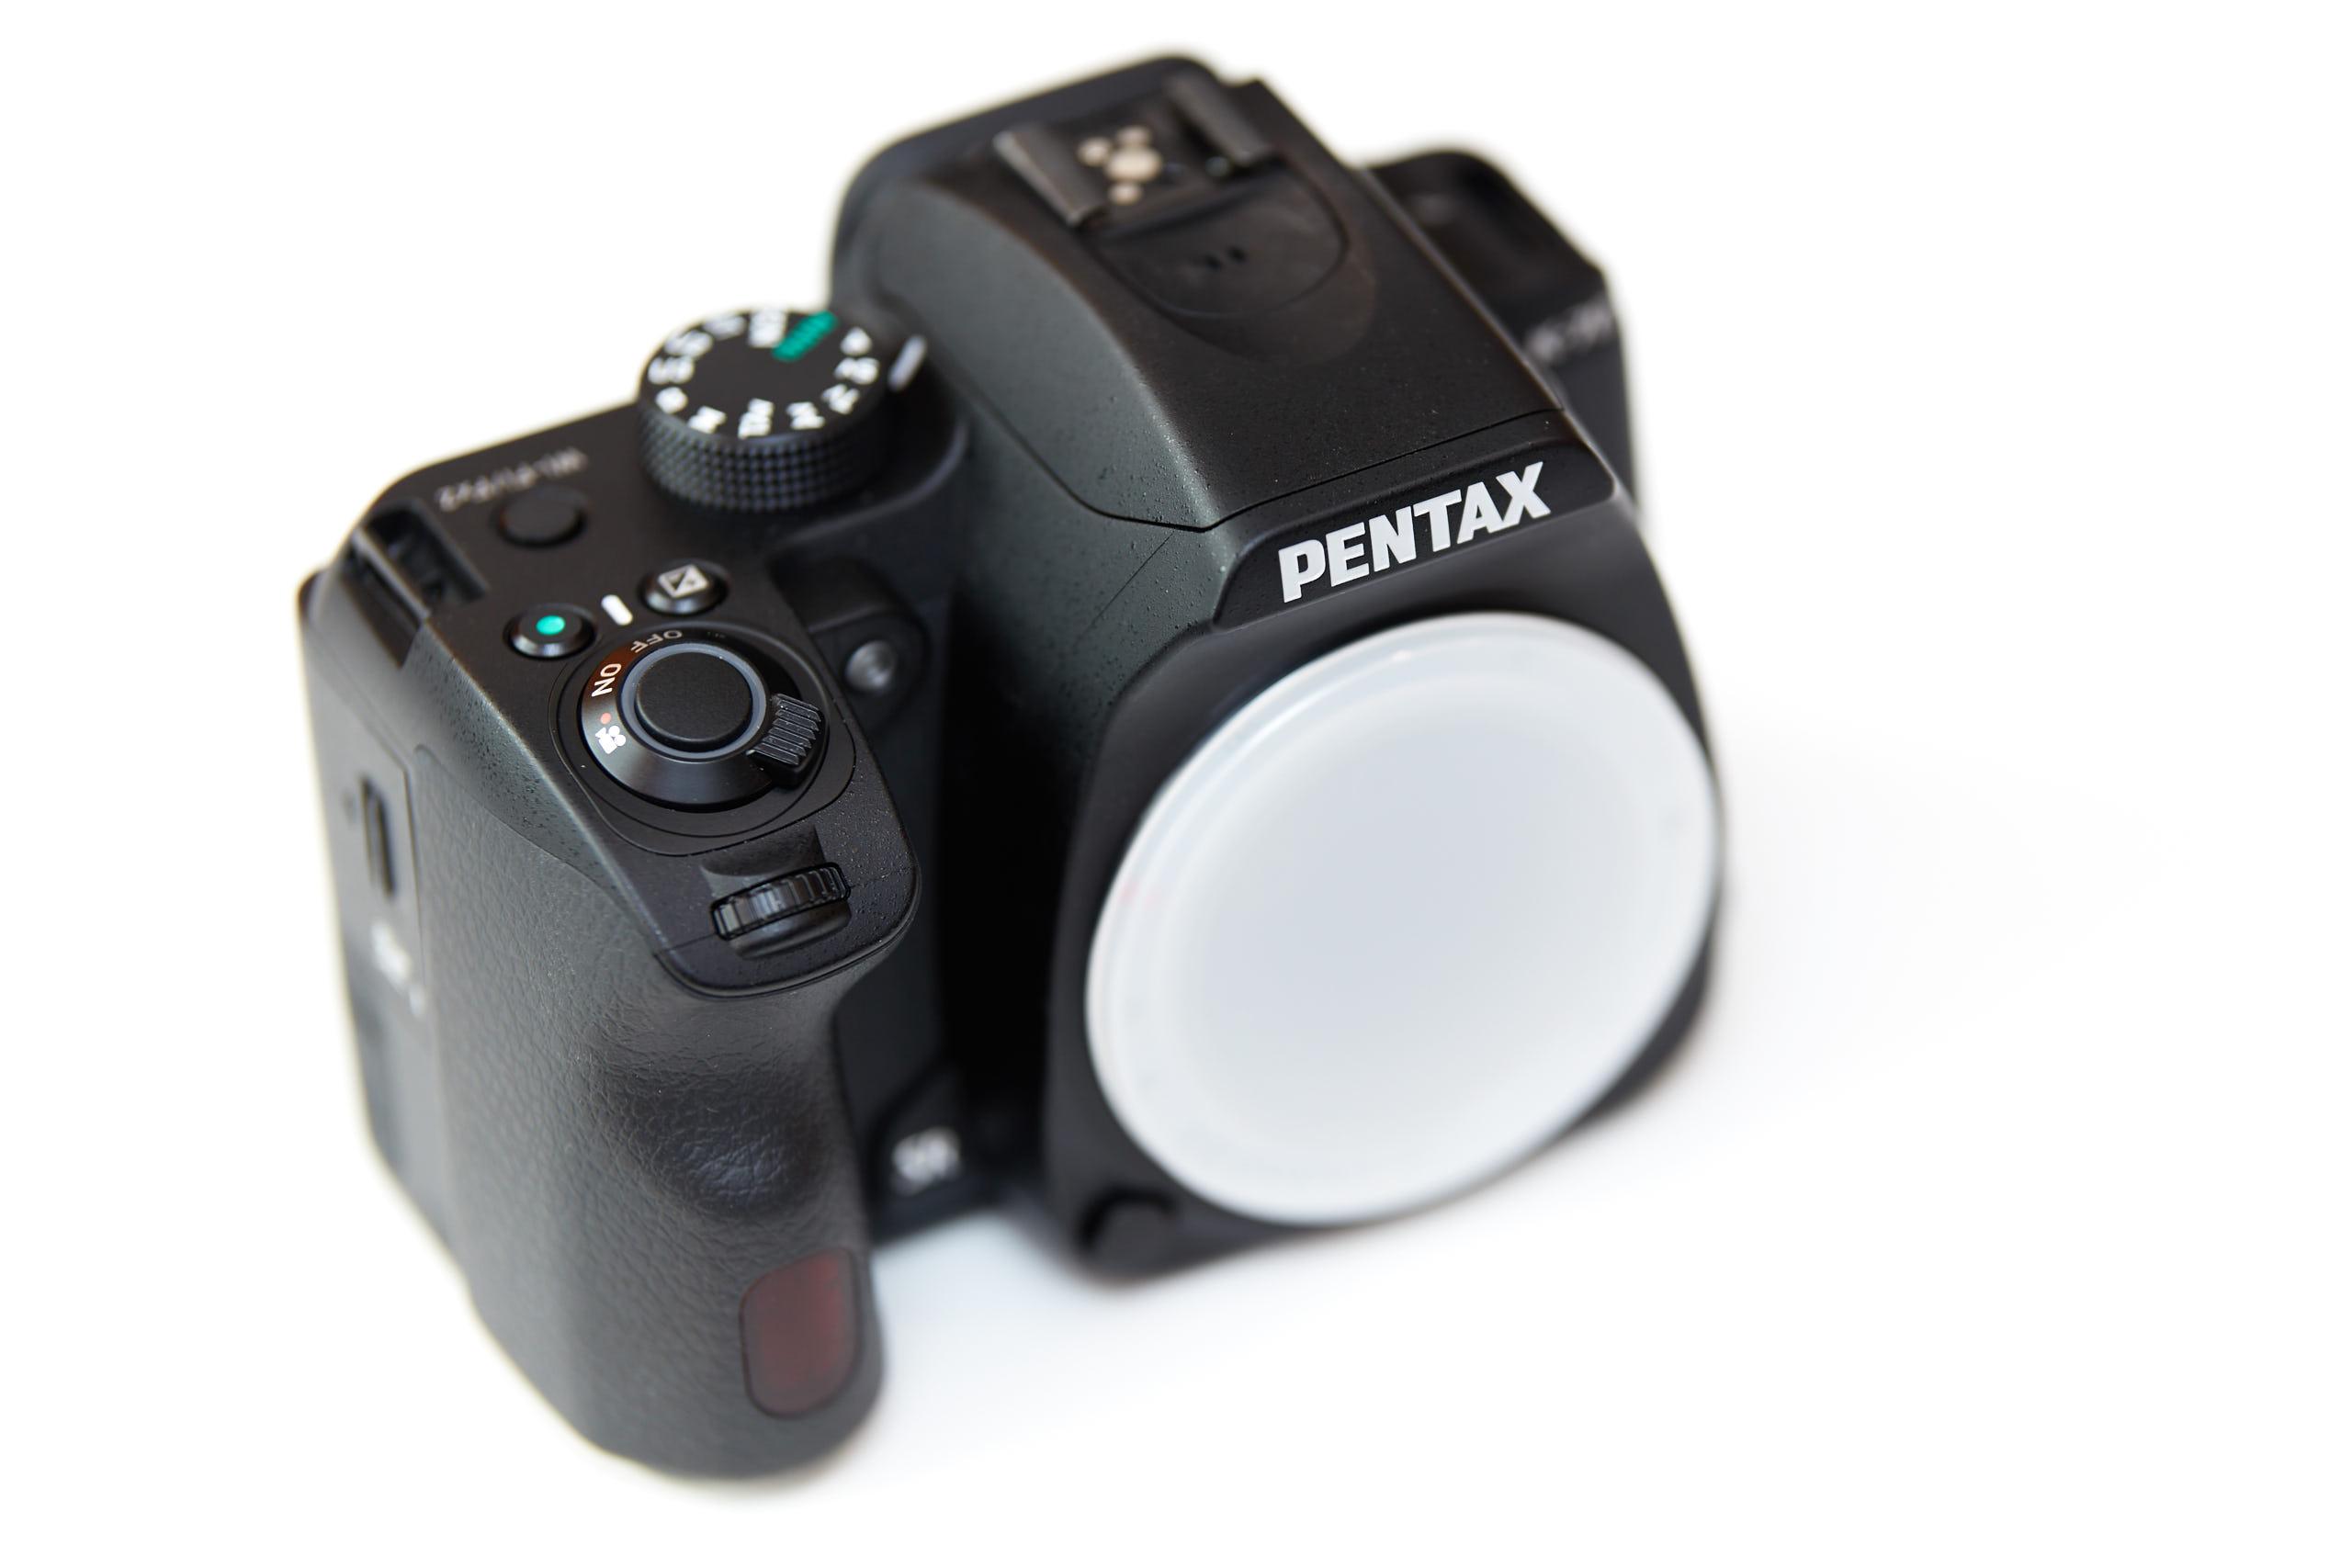 Pentax K-70 - Viel Bildqualität für kleines Geld im wetterfesten ...